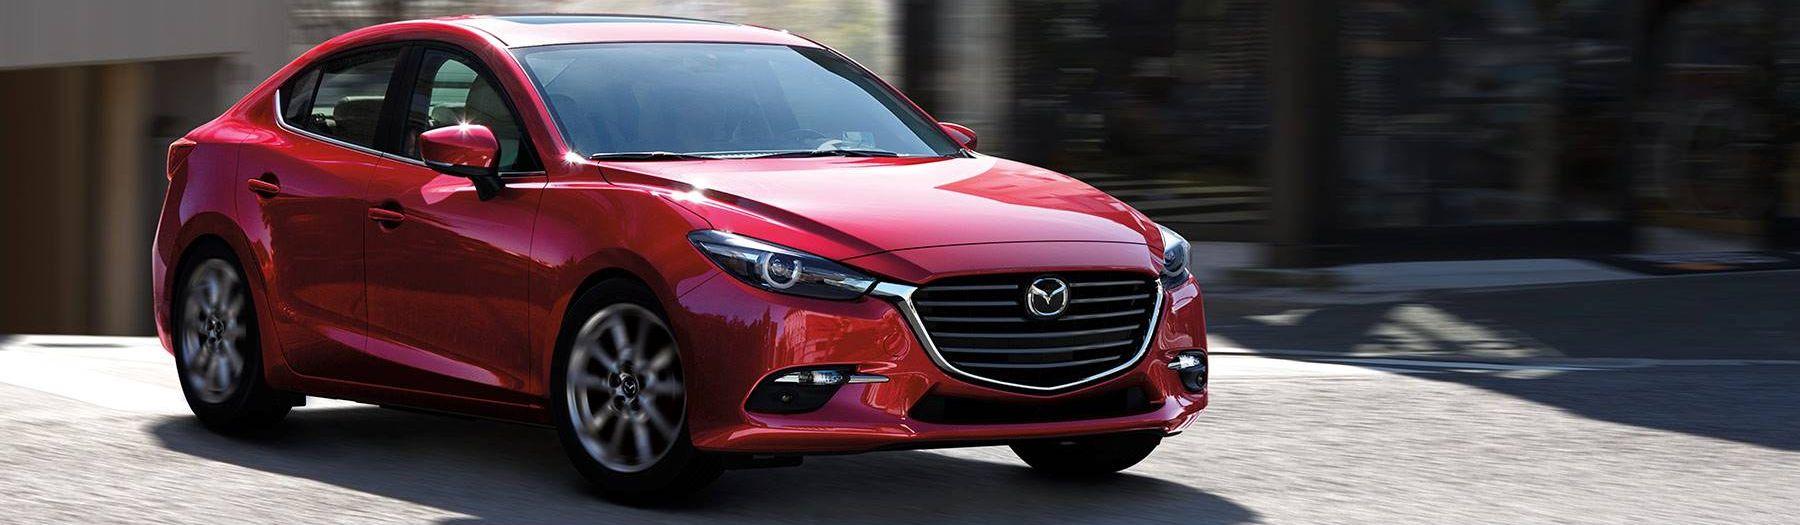 2018 Mazda3 for Sale in Waco, TX - University Mazda